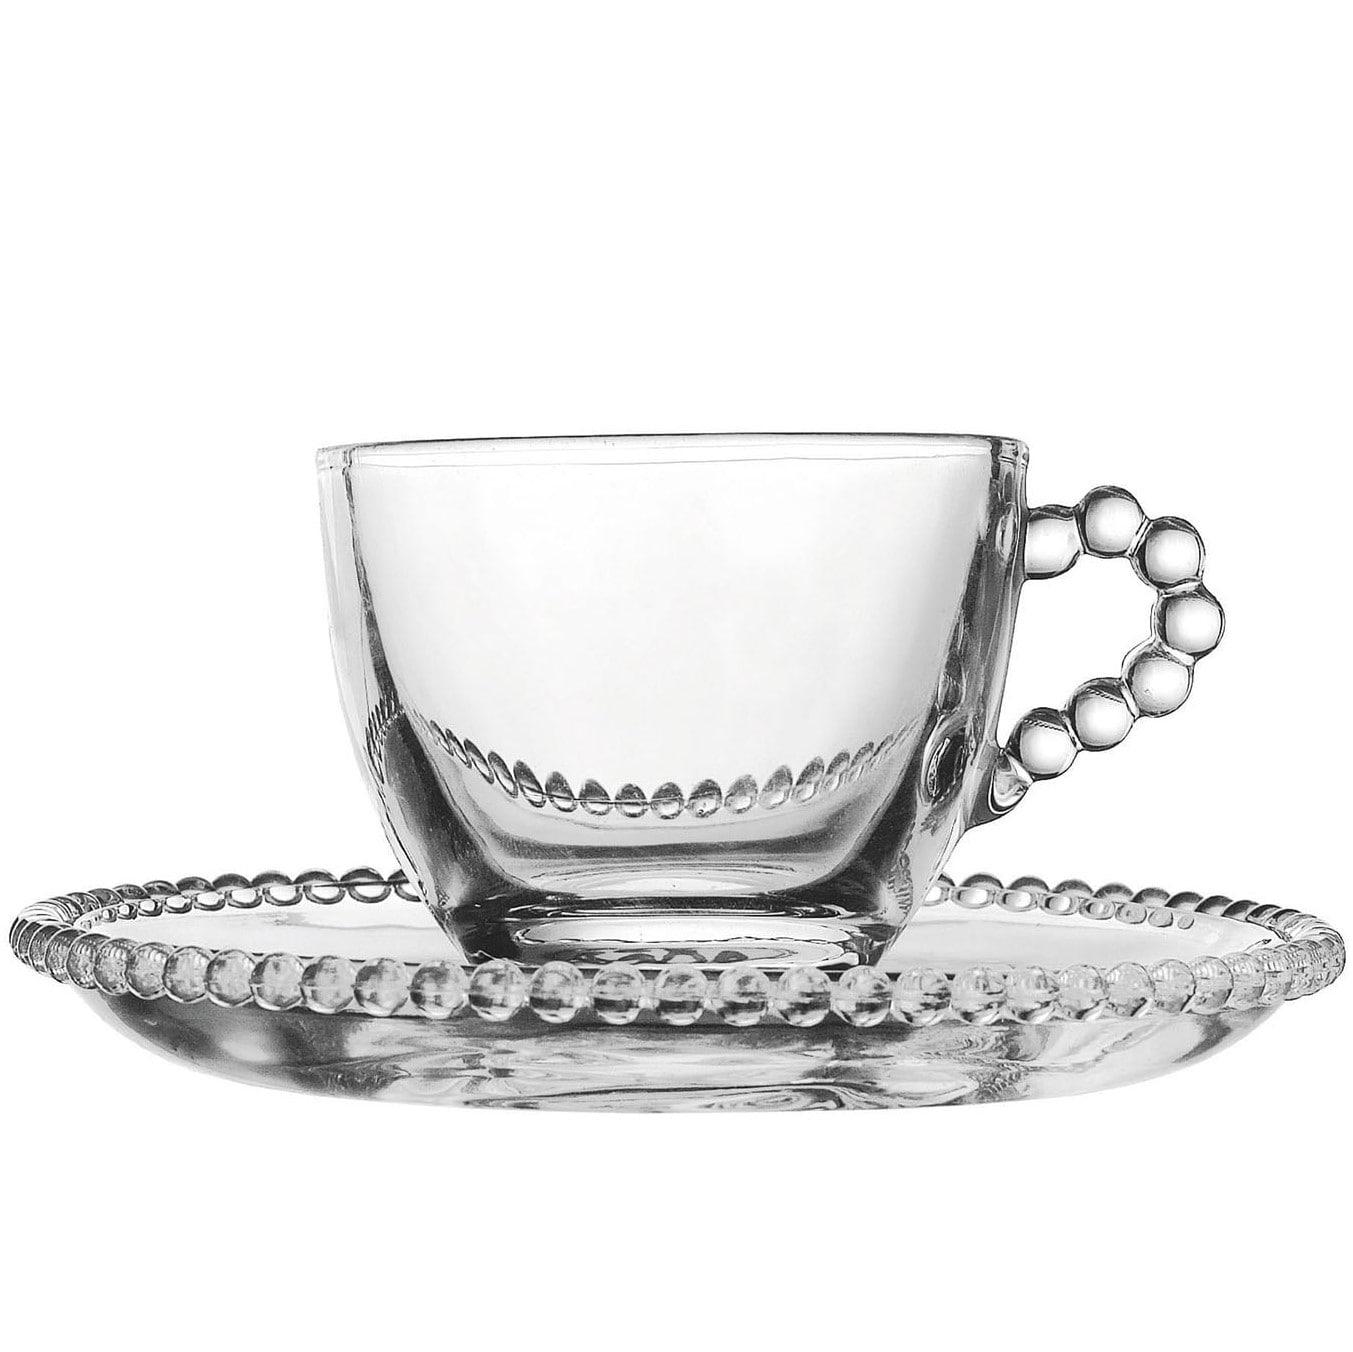 CÔTÉ TABLE Skleněný šálek s podšálkem Pearl - ristretto, čirá barva, sklo